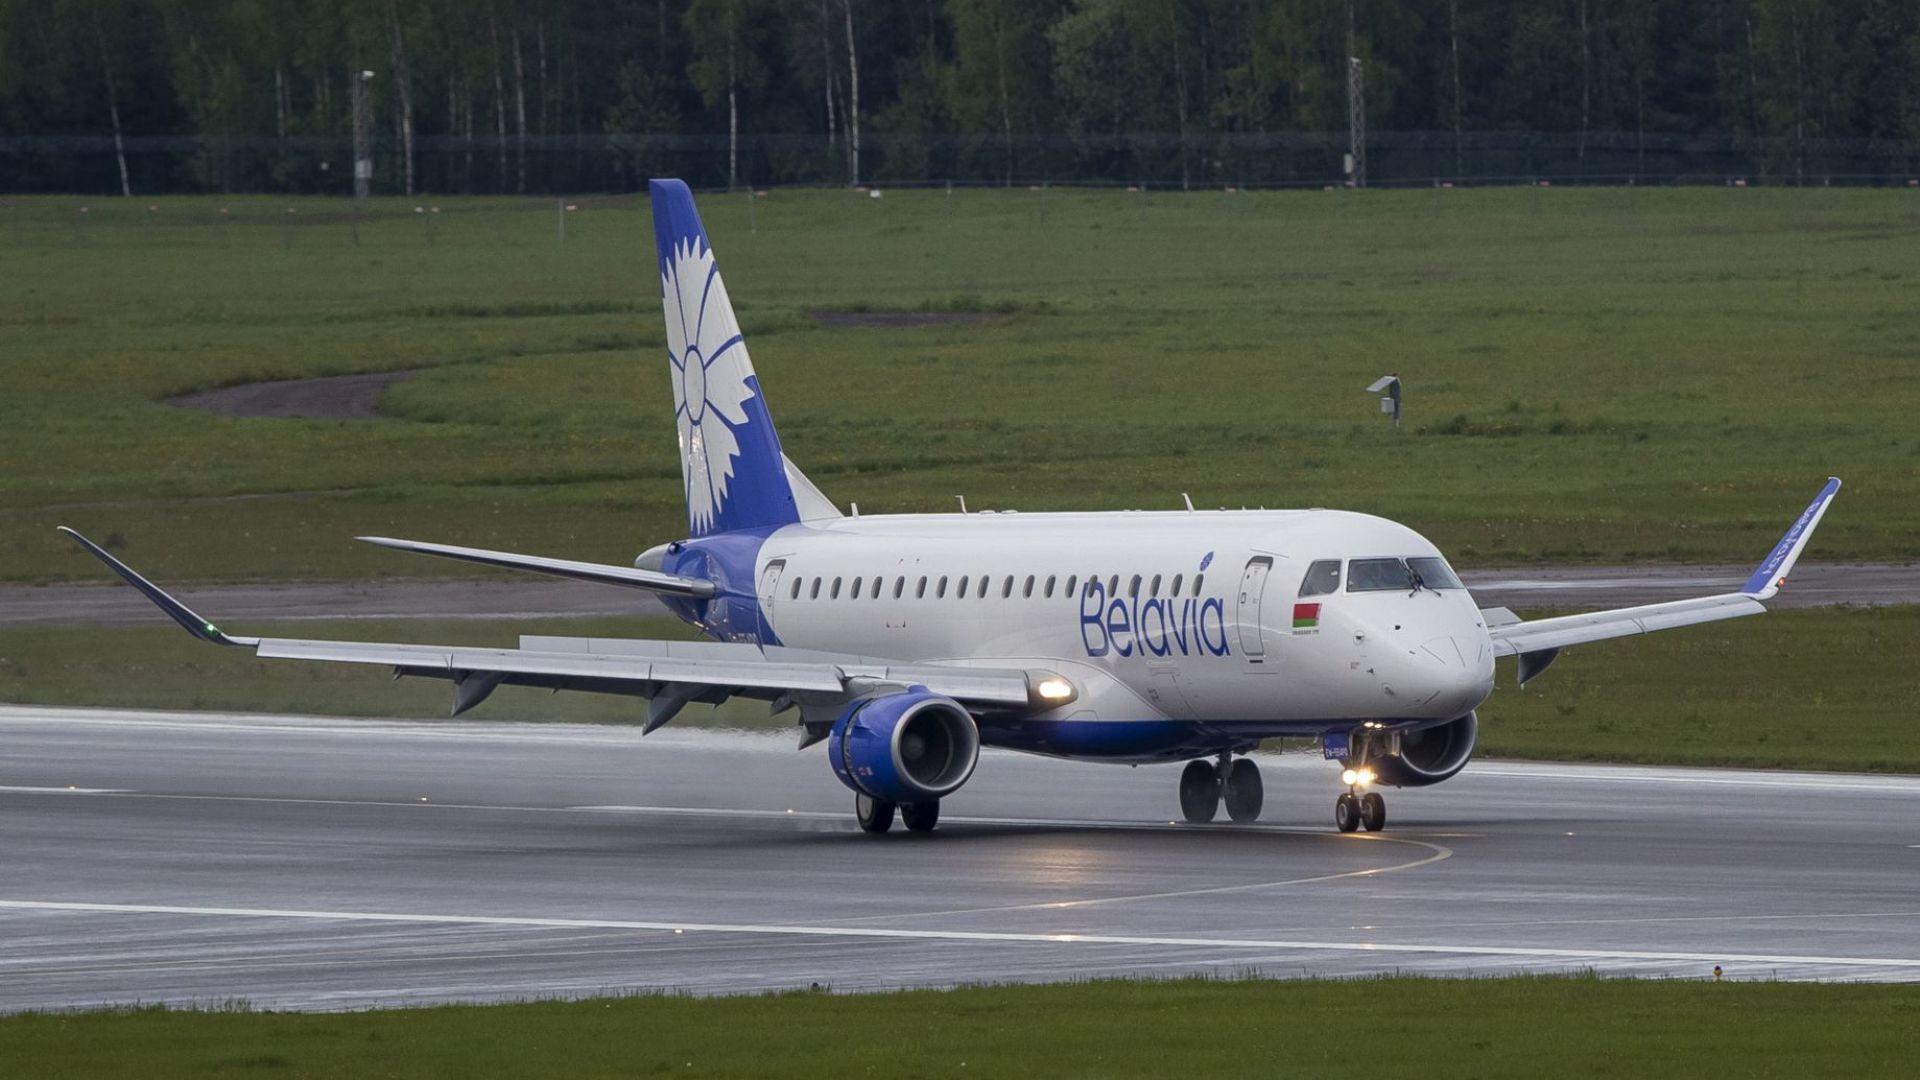 Беларуски самолет се върна в Минск заради невъзможен достъп до френското въздушно пространство